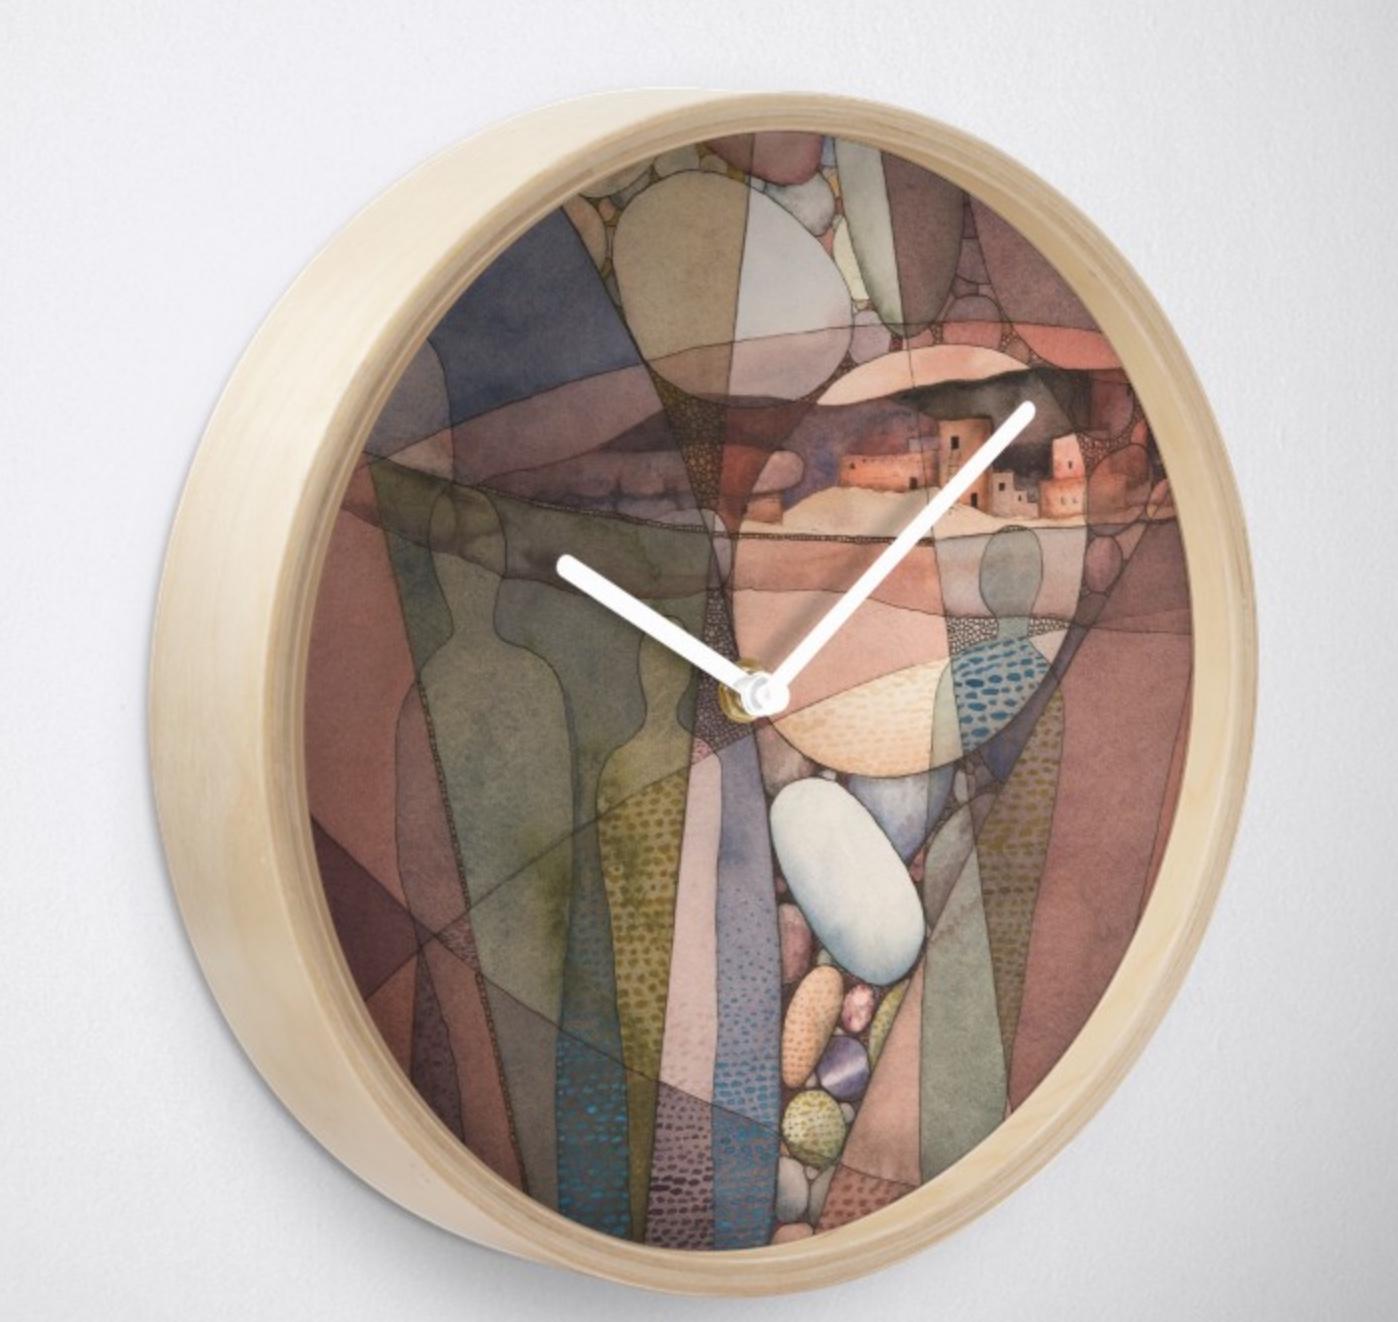 Canyon-Dwellers-Wall-Clock.jpeg